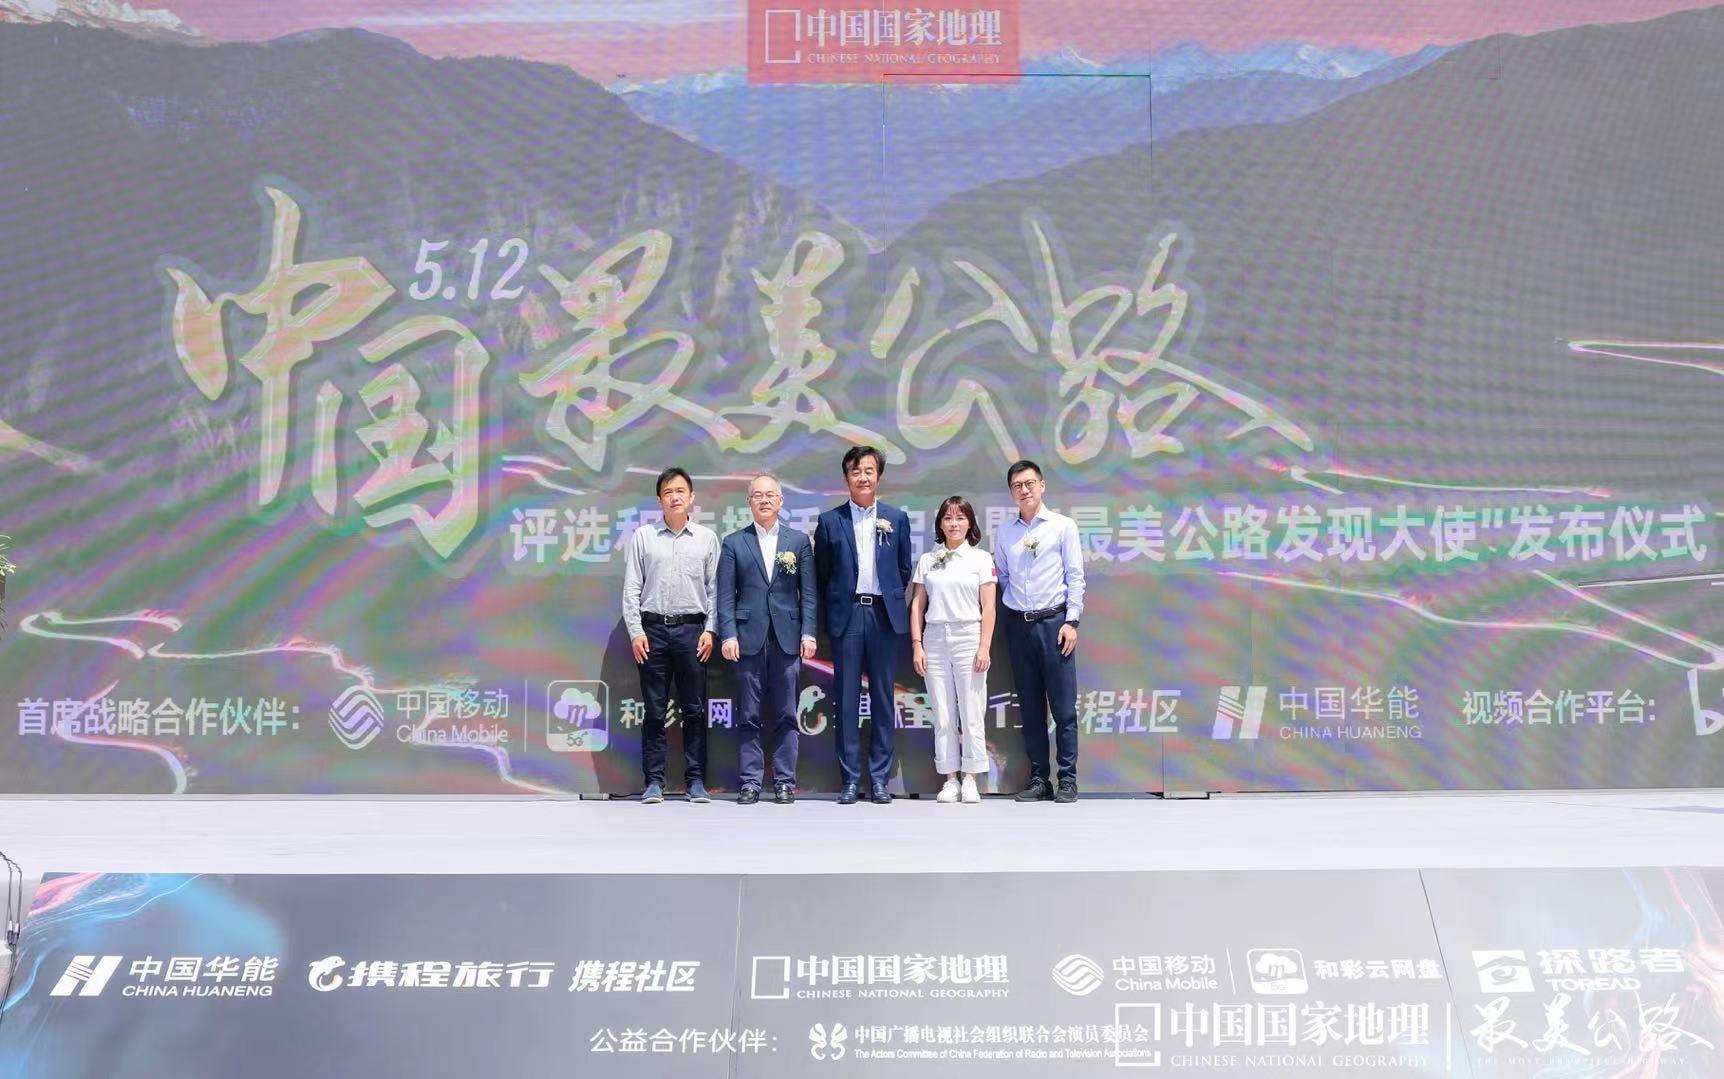 """发现美、记录美、传播美、体验美:""""中国最美公路""""评选活动启动"""